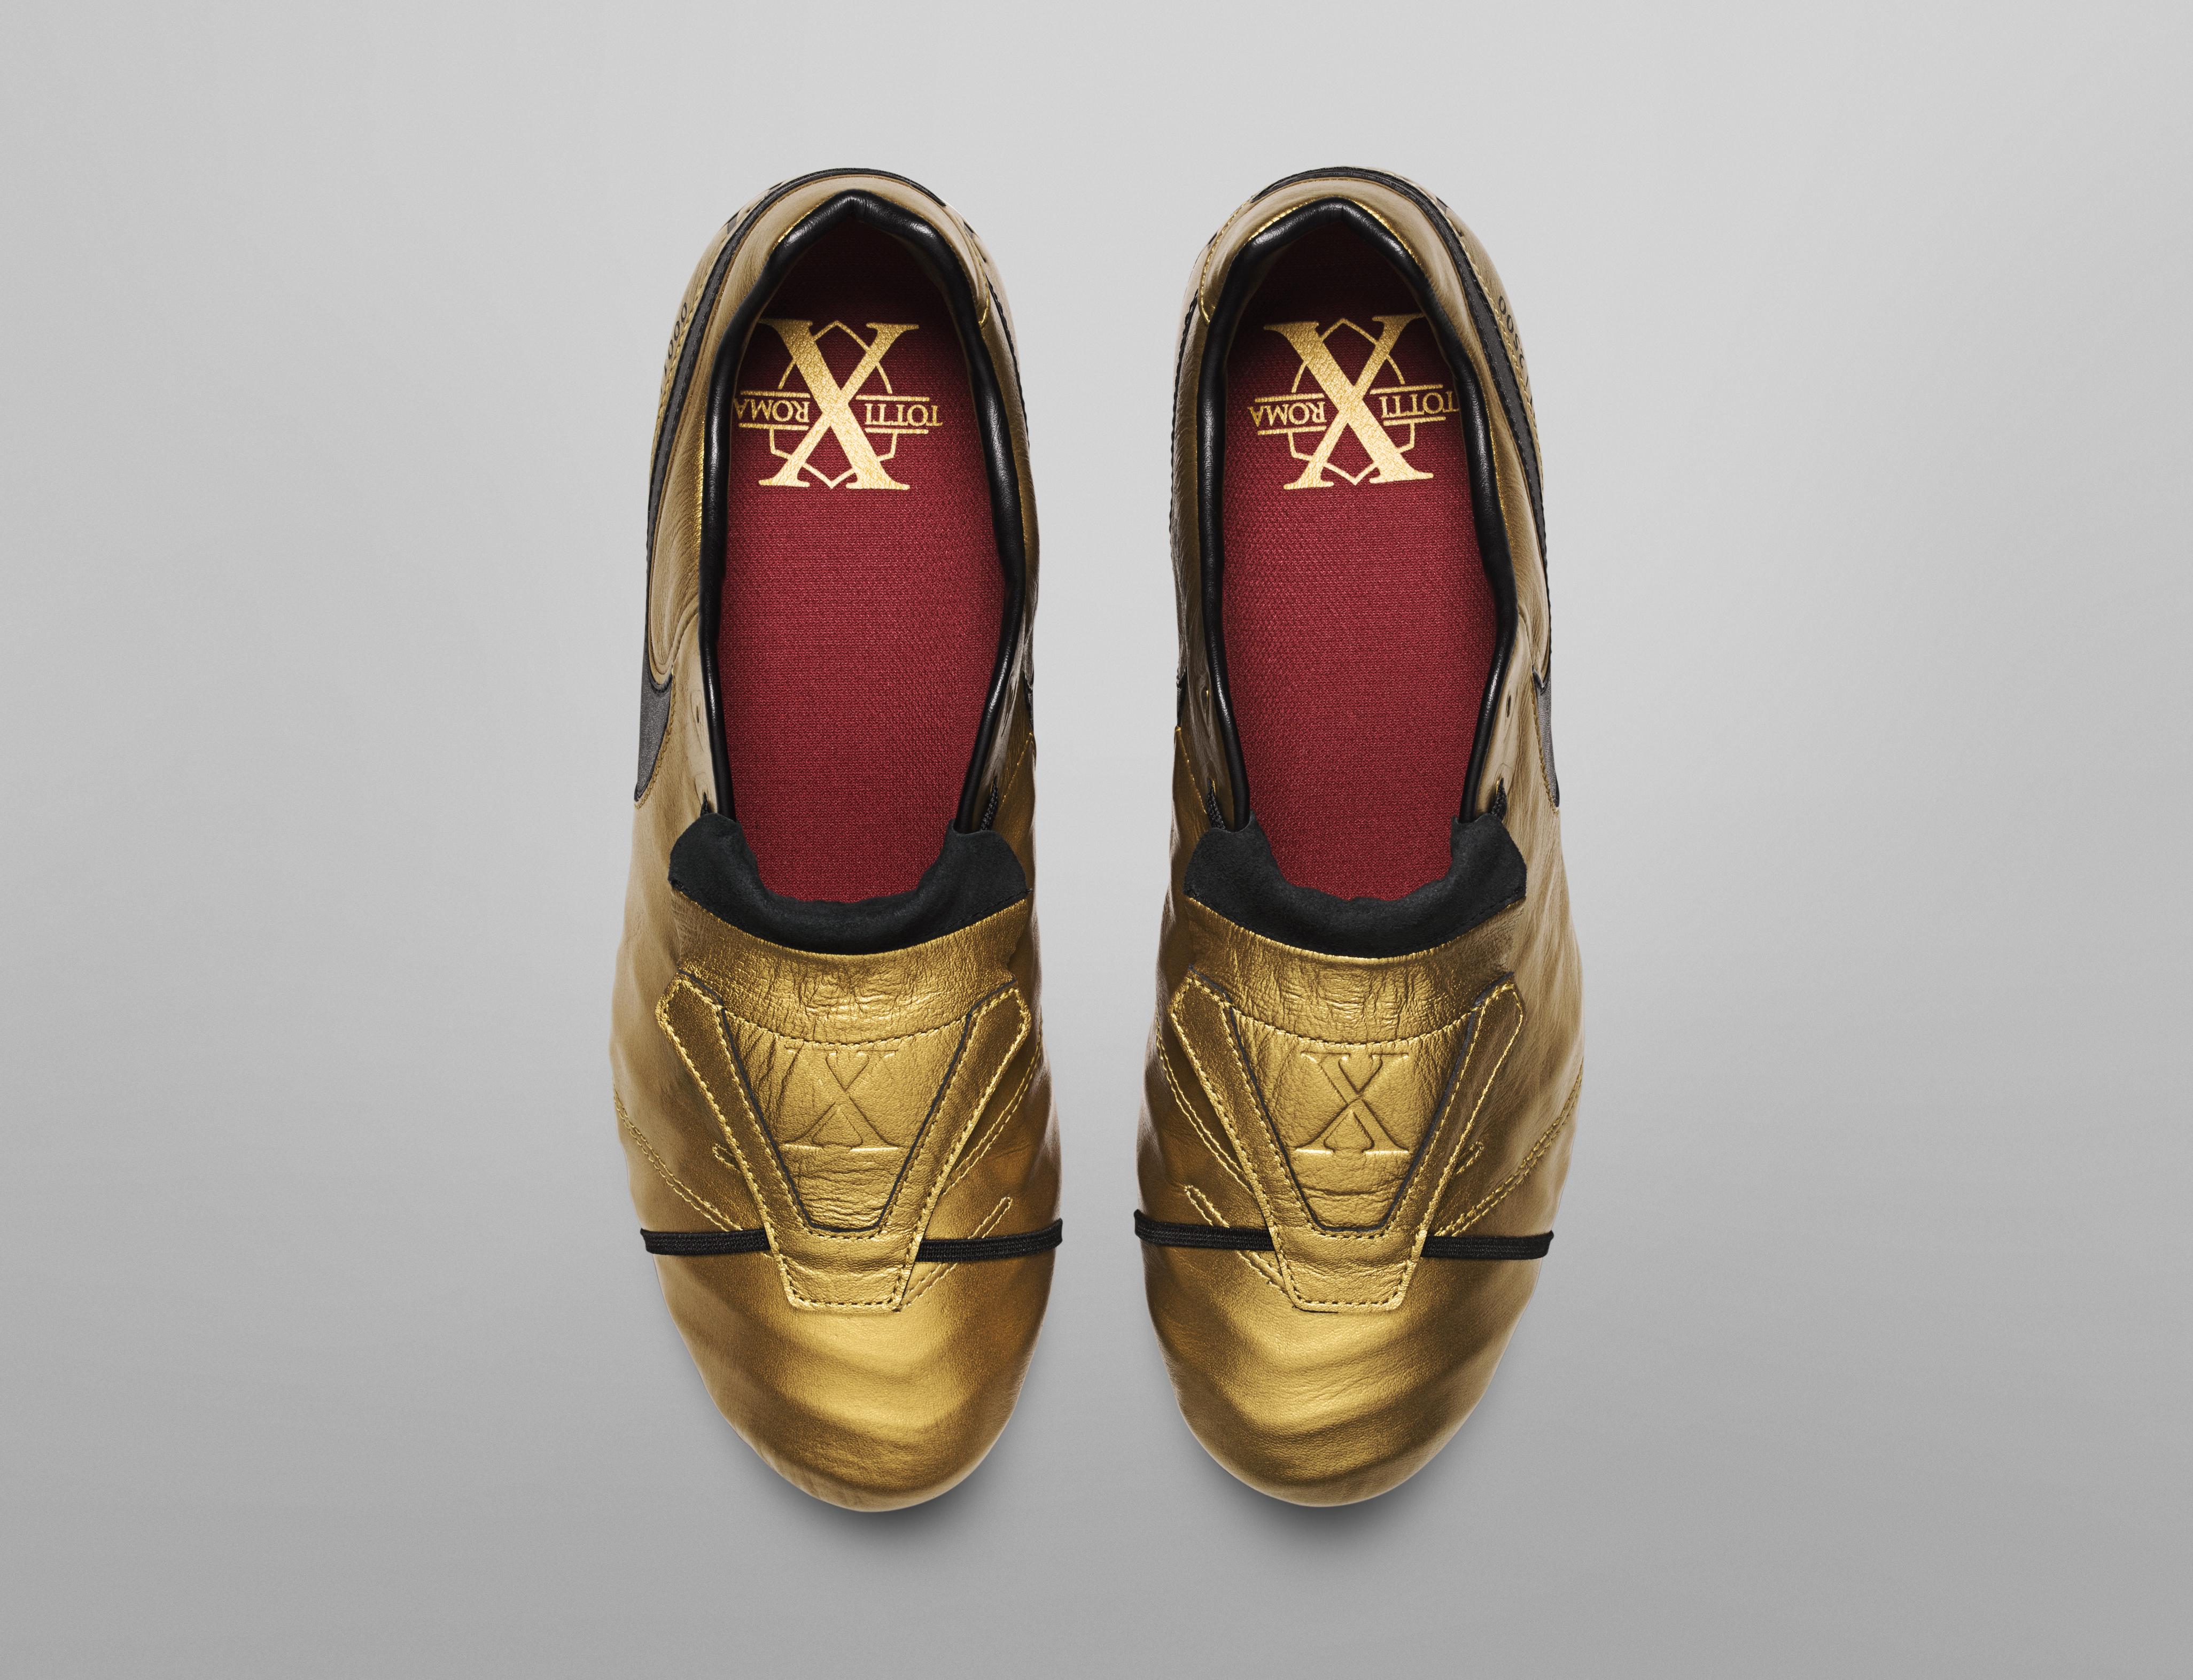 Totti e Nike presentano le scarpe speciali: edizione limitata da 2.500 pezzi